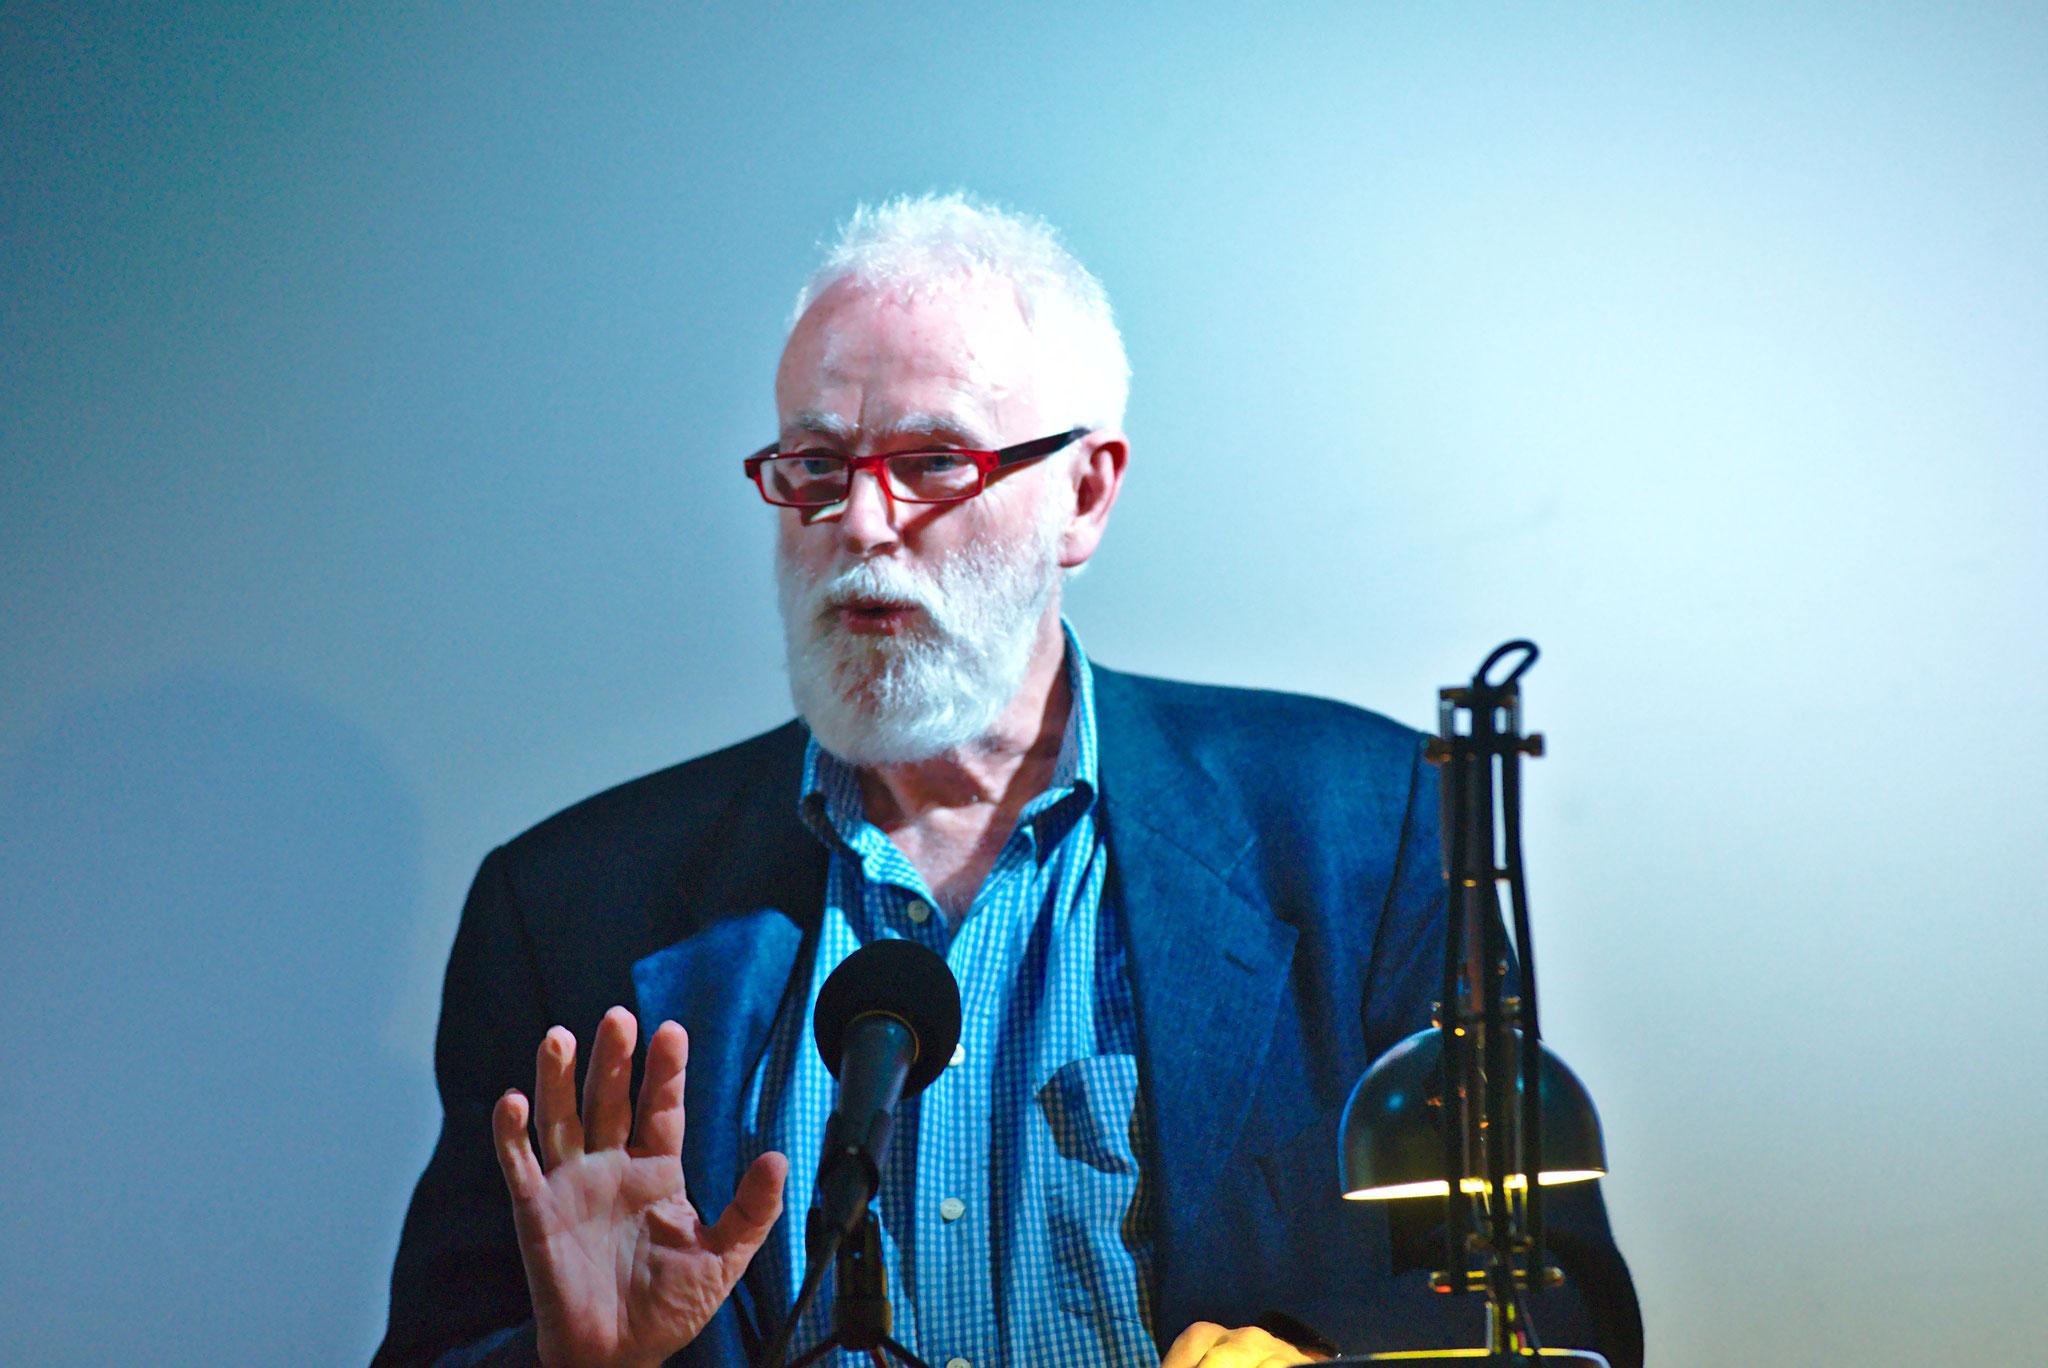 Thomas Wagner